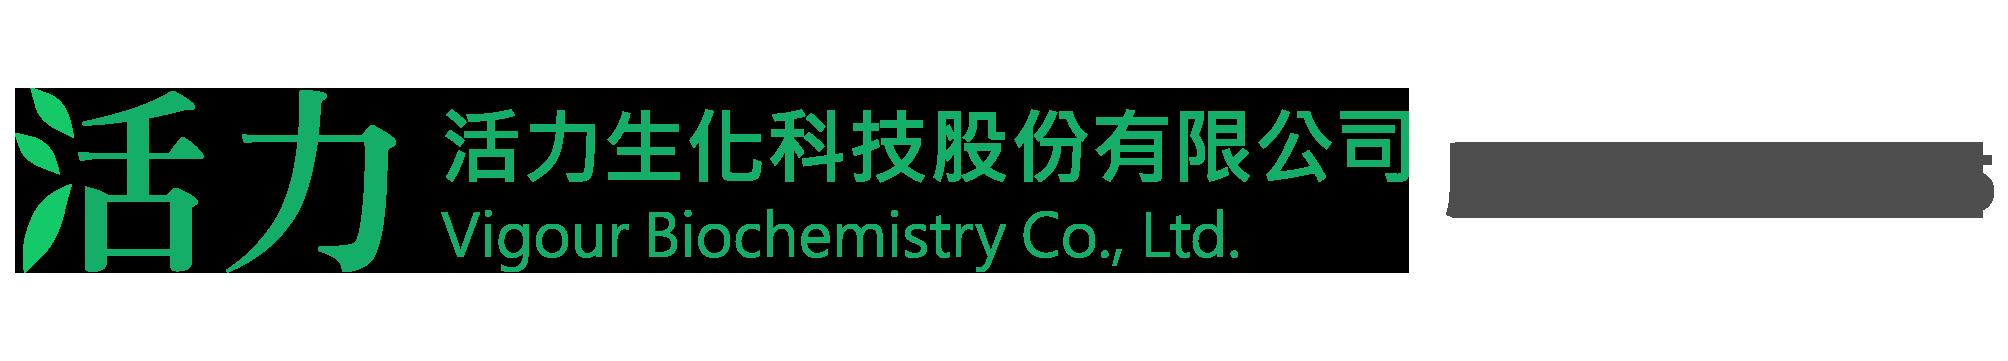 活力生化科技股份有限公司(股票代號:7535)